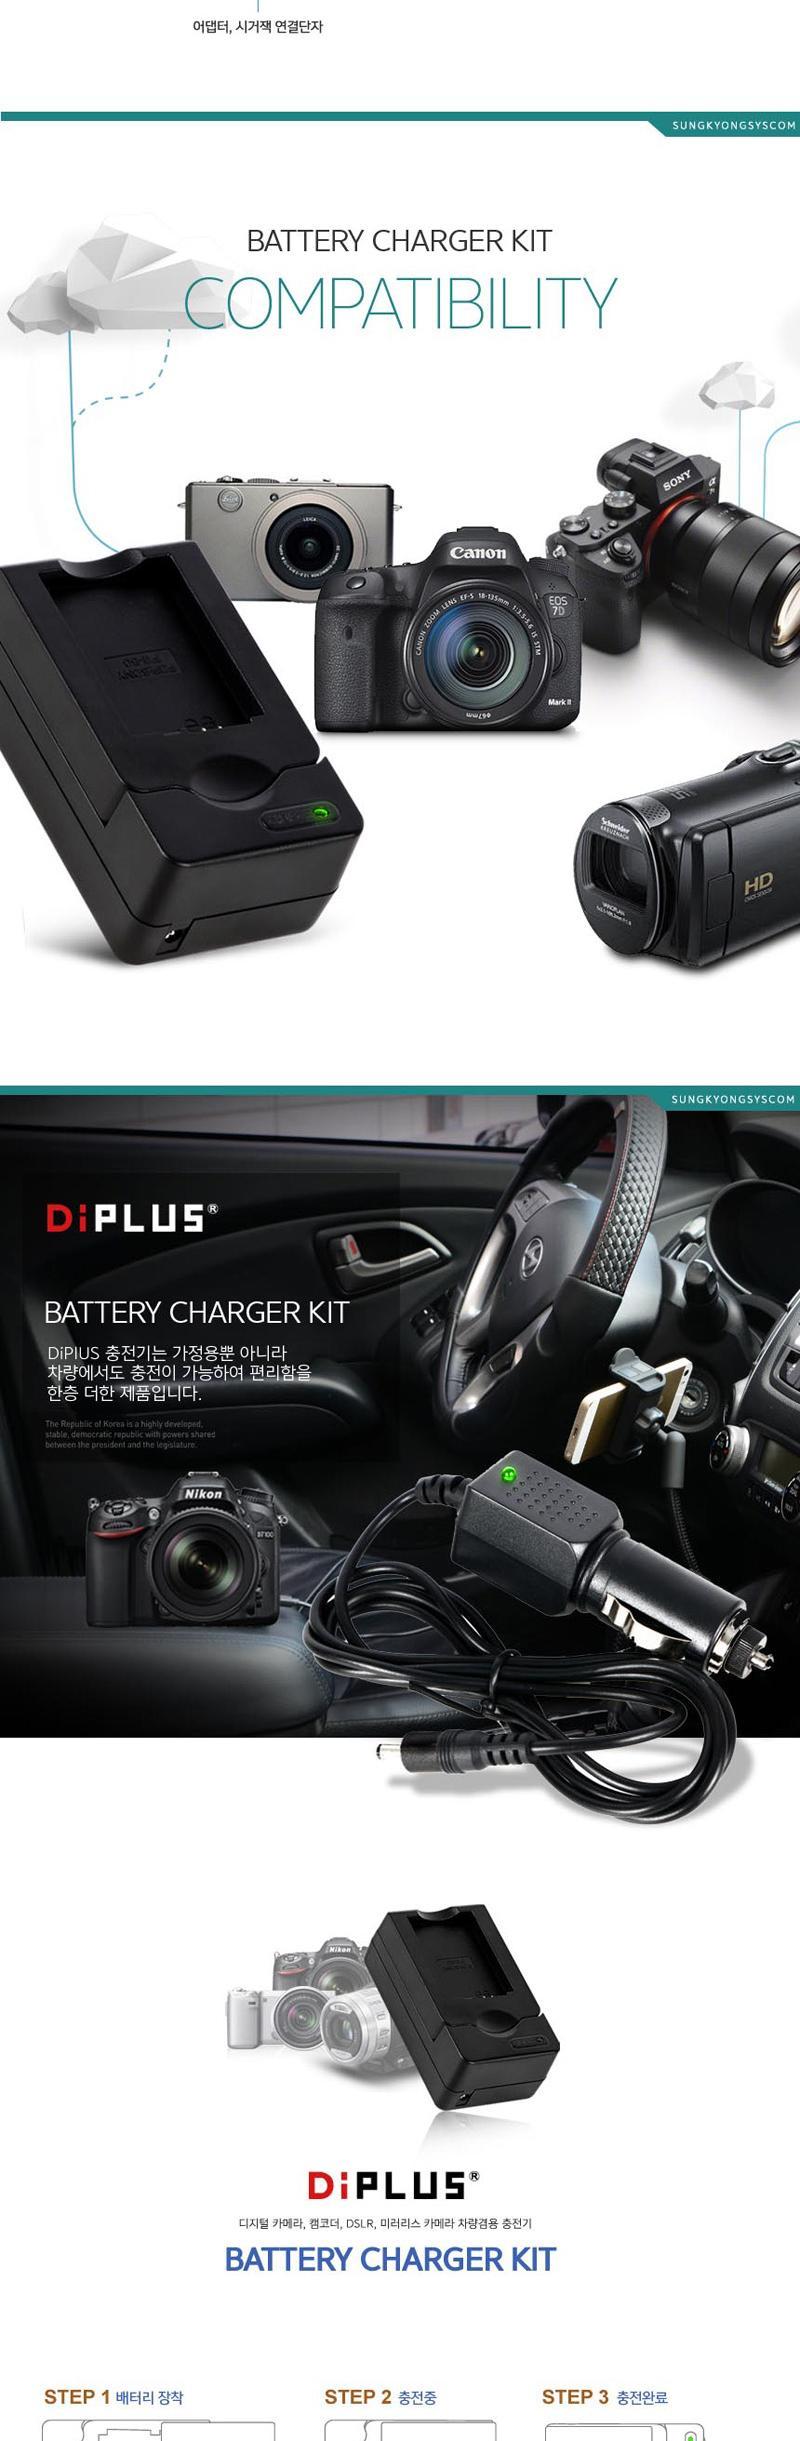 캐논 LP-E17 충전기 가정 차량 겸용 KC인증 캐논LPE17 캐논LPE17 디지털카메라충전기 LPE17호환충전기 V2충전기 캠코더충전기